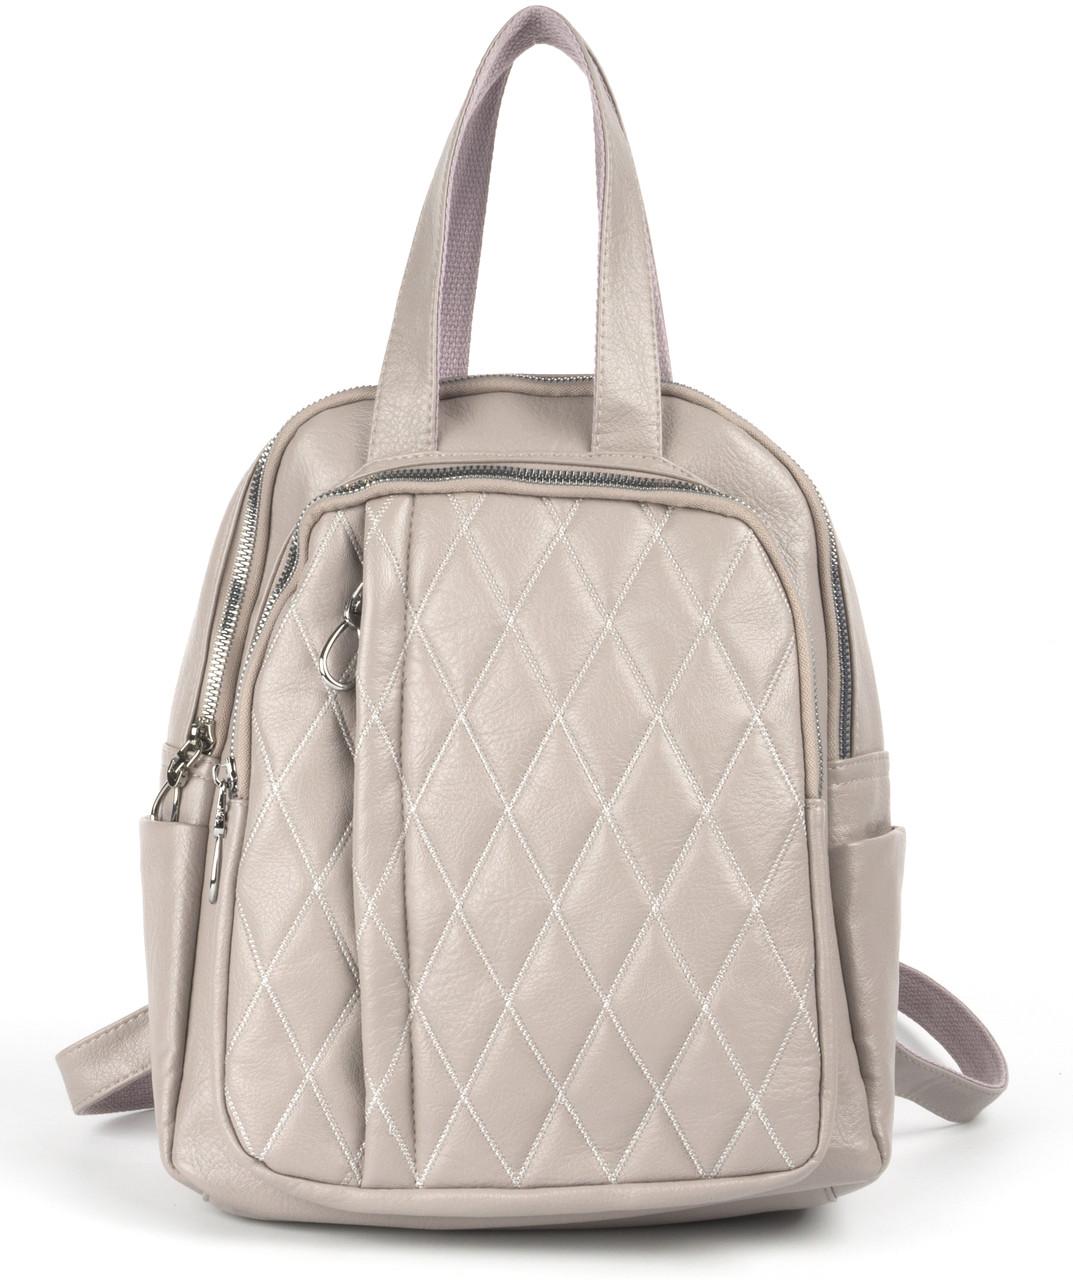 Прочный оригинальный женский рюкзак Jinsichong art. 20-Т3 пудровый